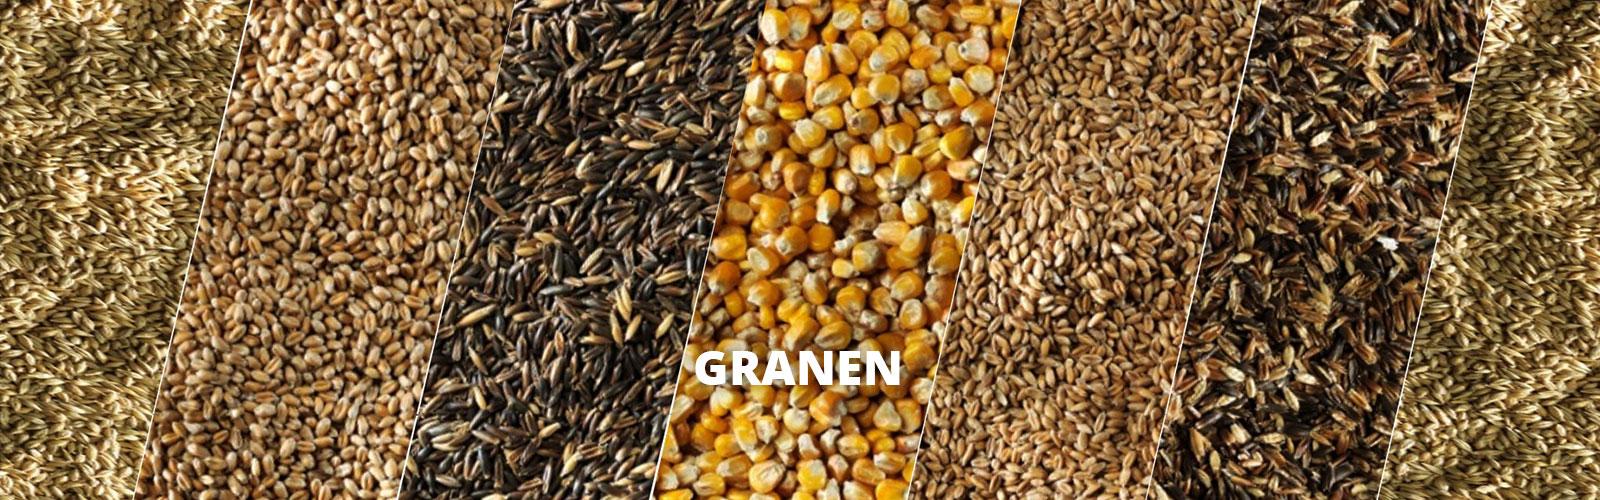 Producten-Granen-Header